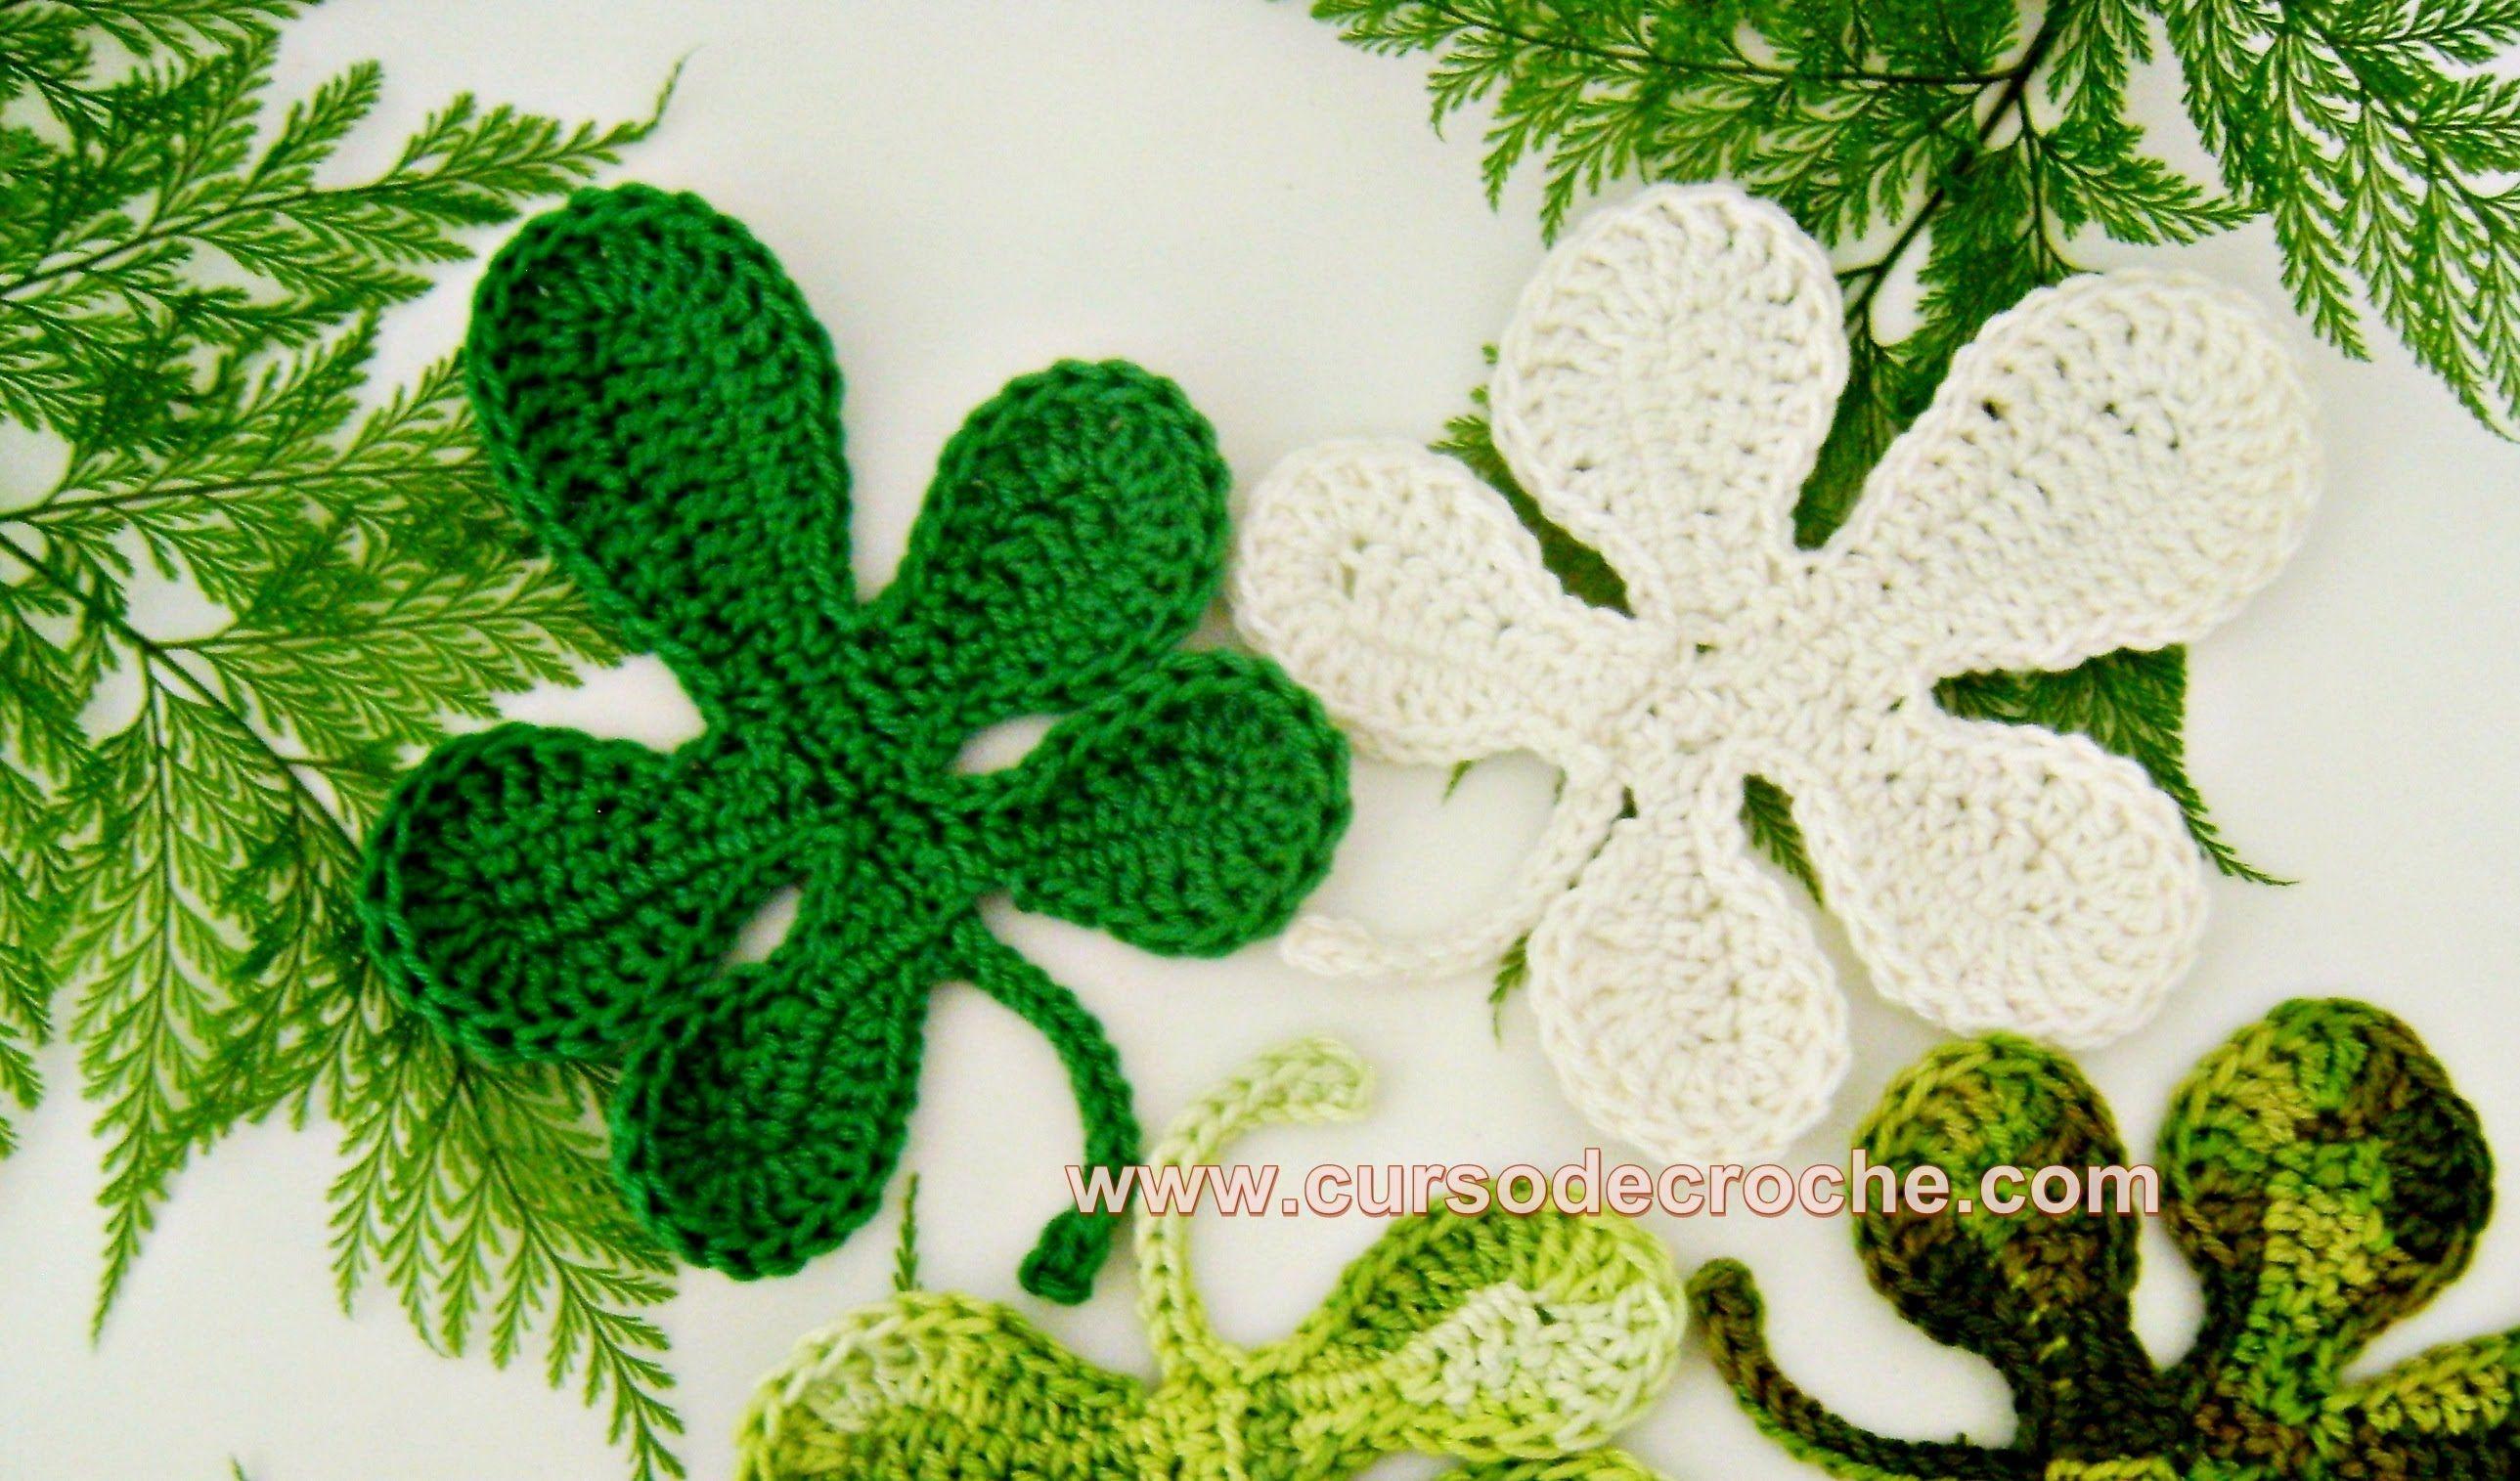 Edinir-Croche ensina folhas para figo parte 2, deixe o seu comentário no blog. http://www.edinir-croche.com e visite http://www.cursodecroche.com e http://ww...